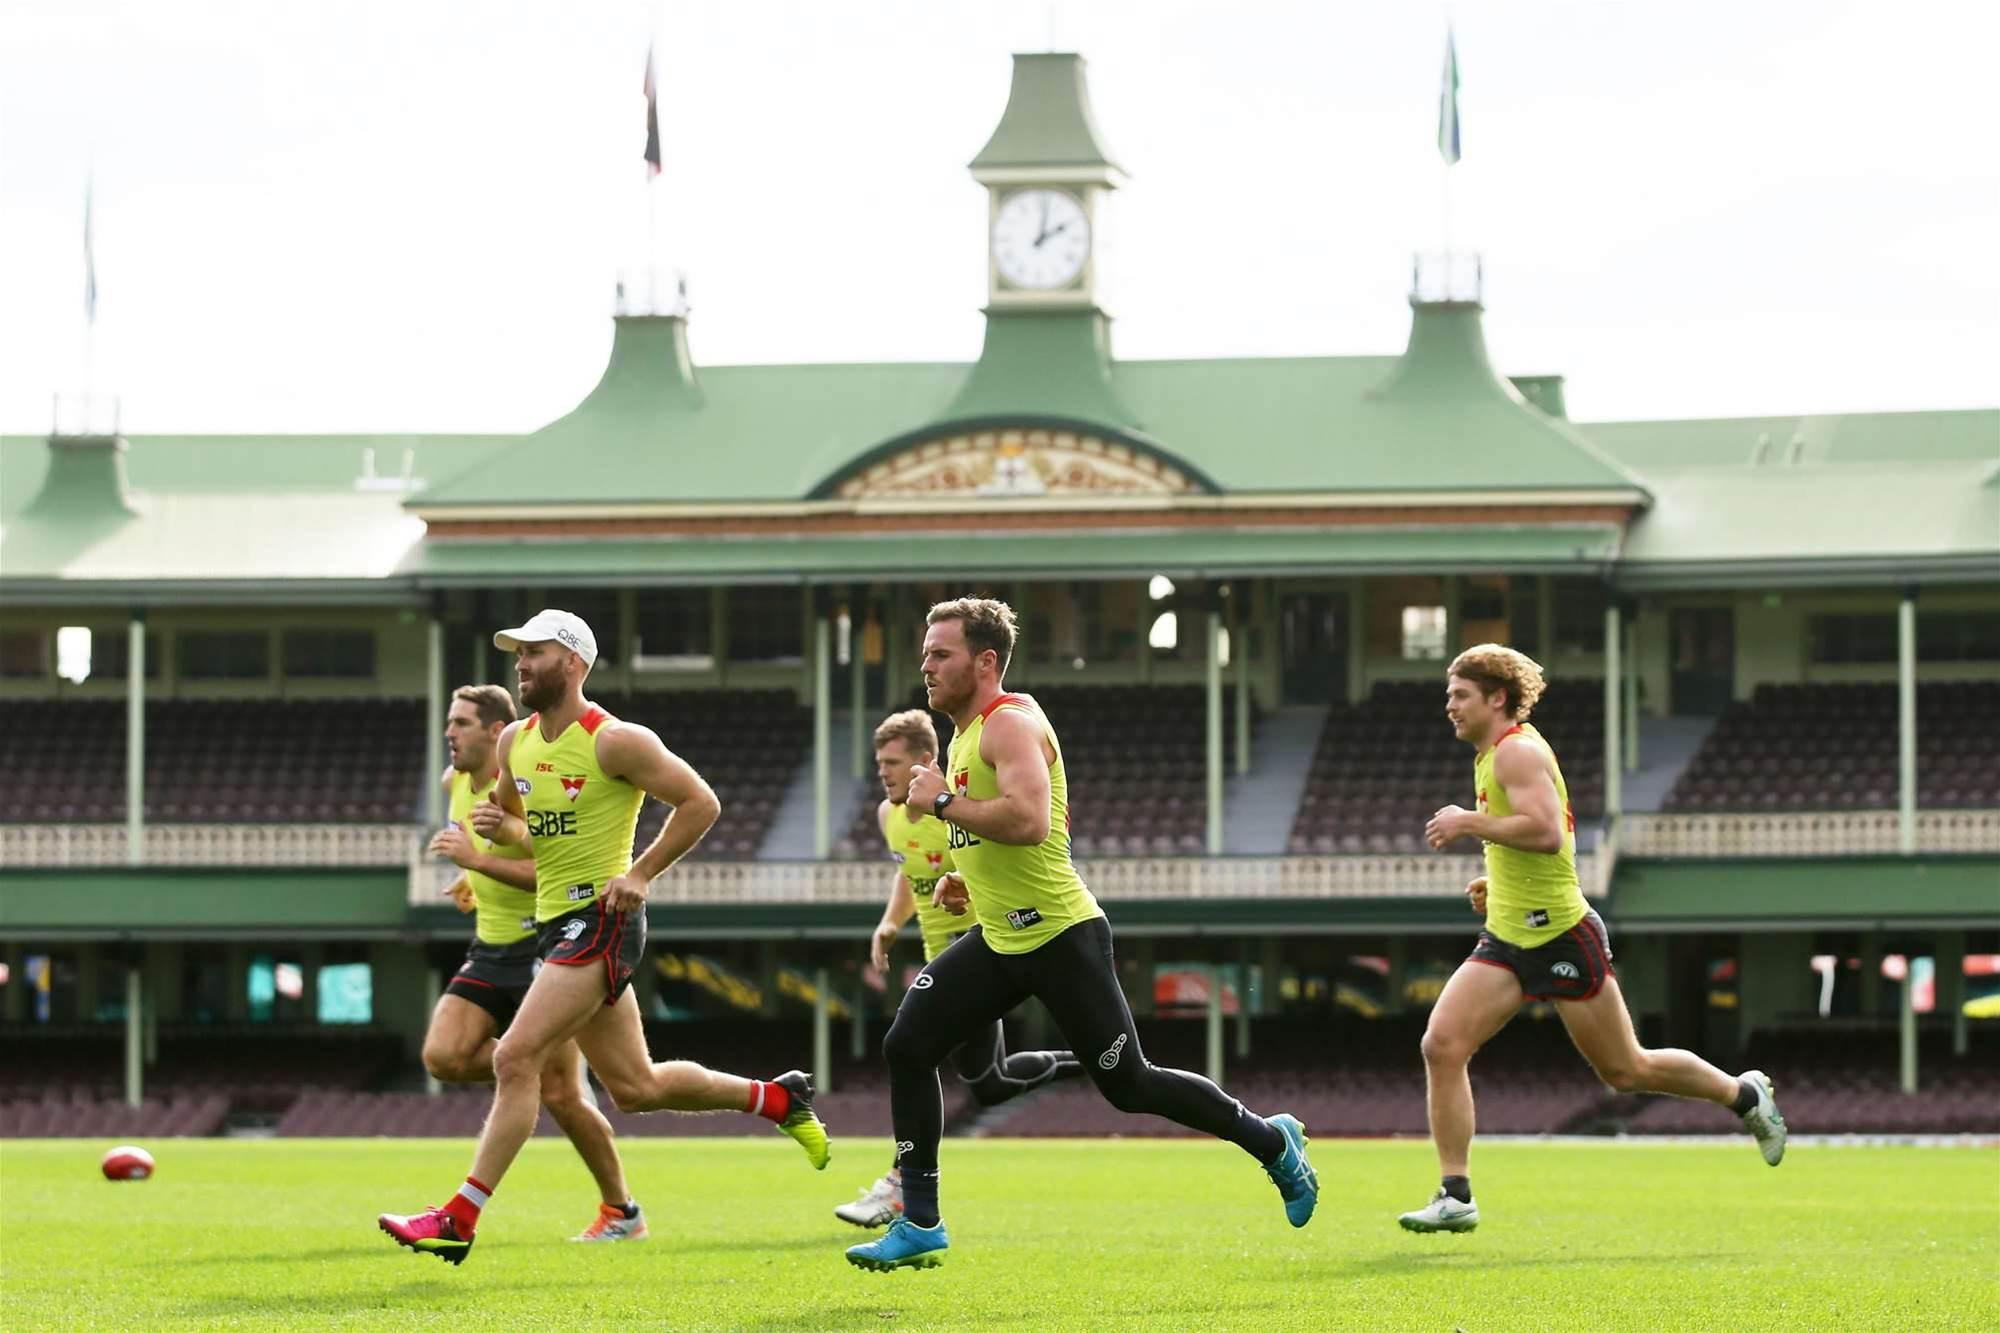 Sydney Swans train